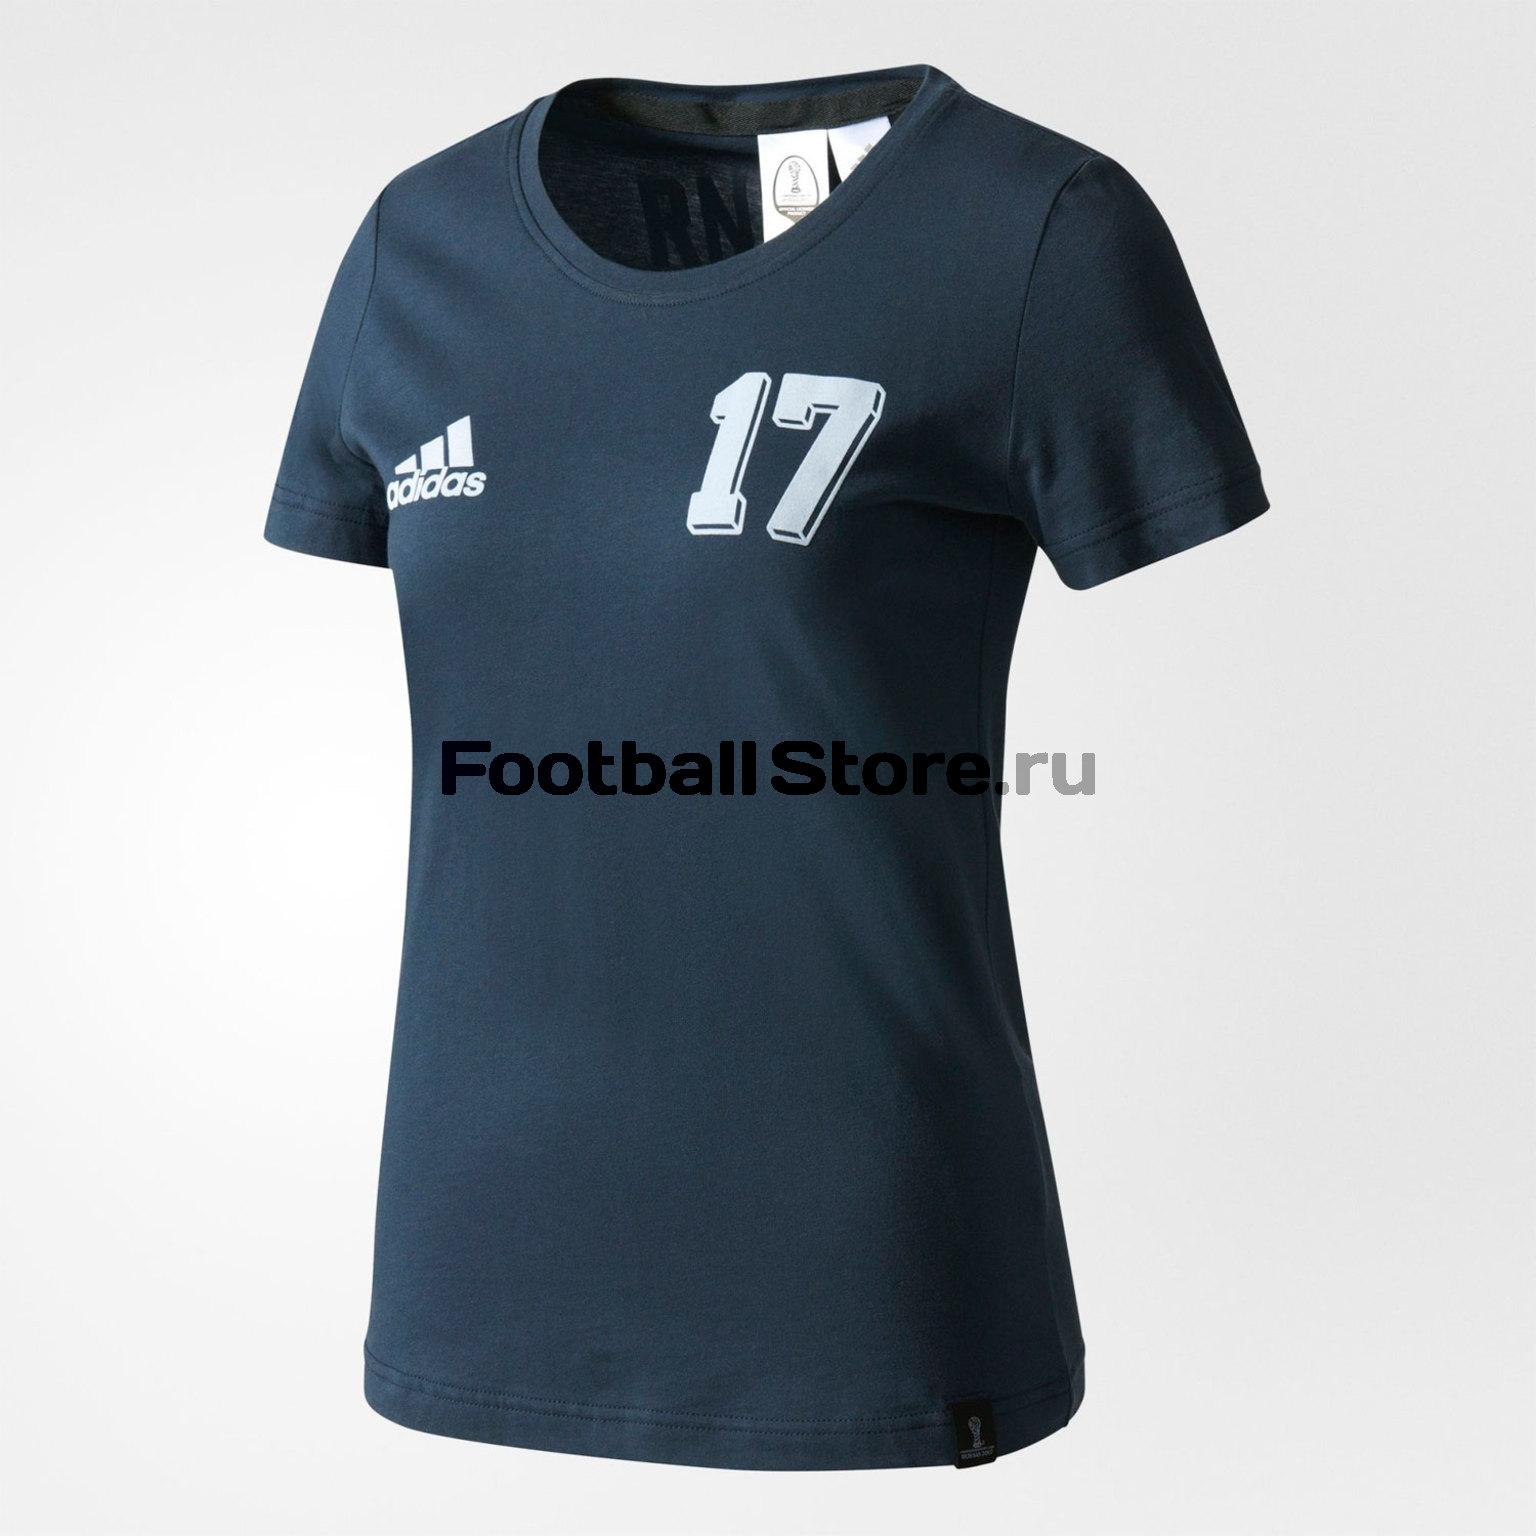 """Футболка женская Adidas """"Россия"""" AZ3790"""